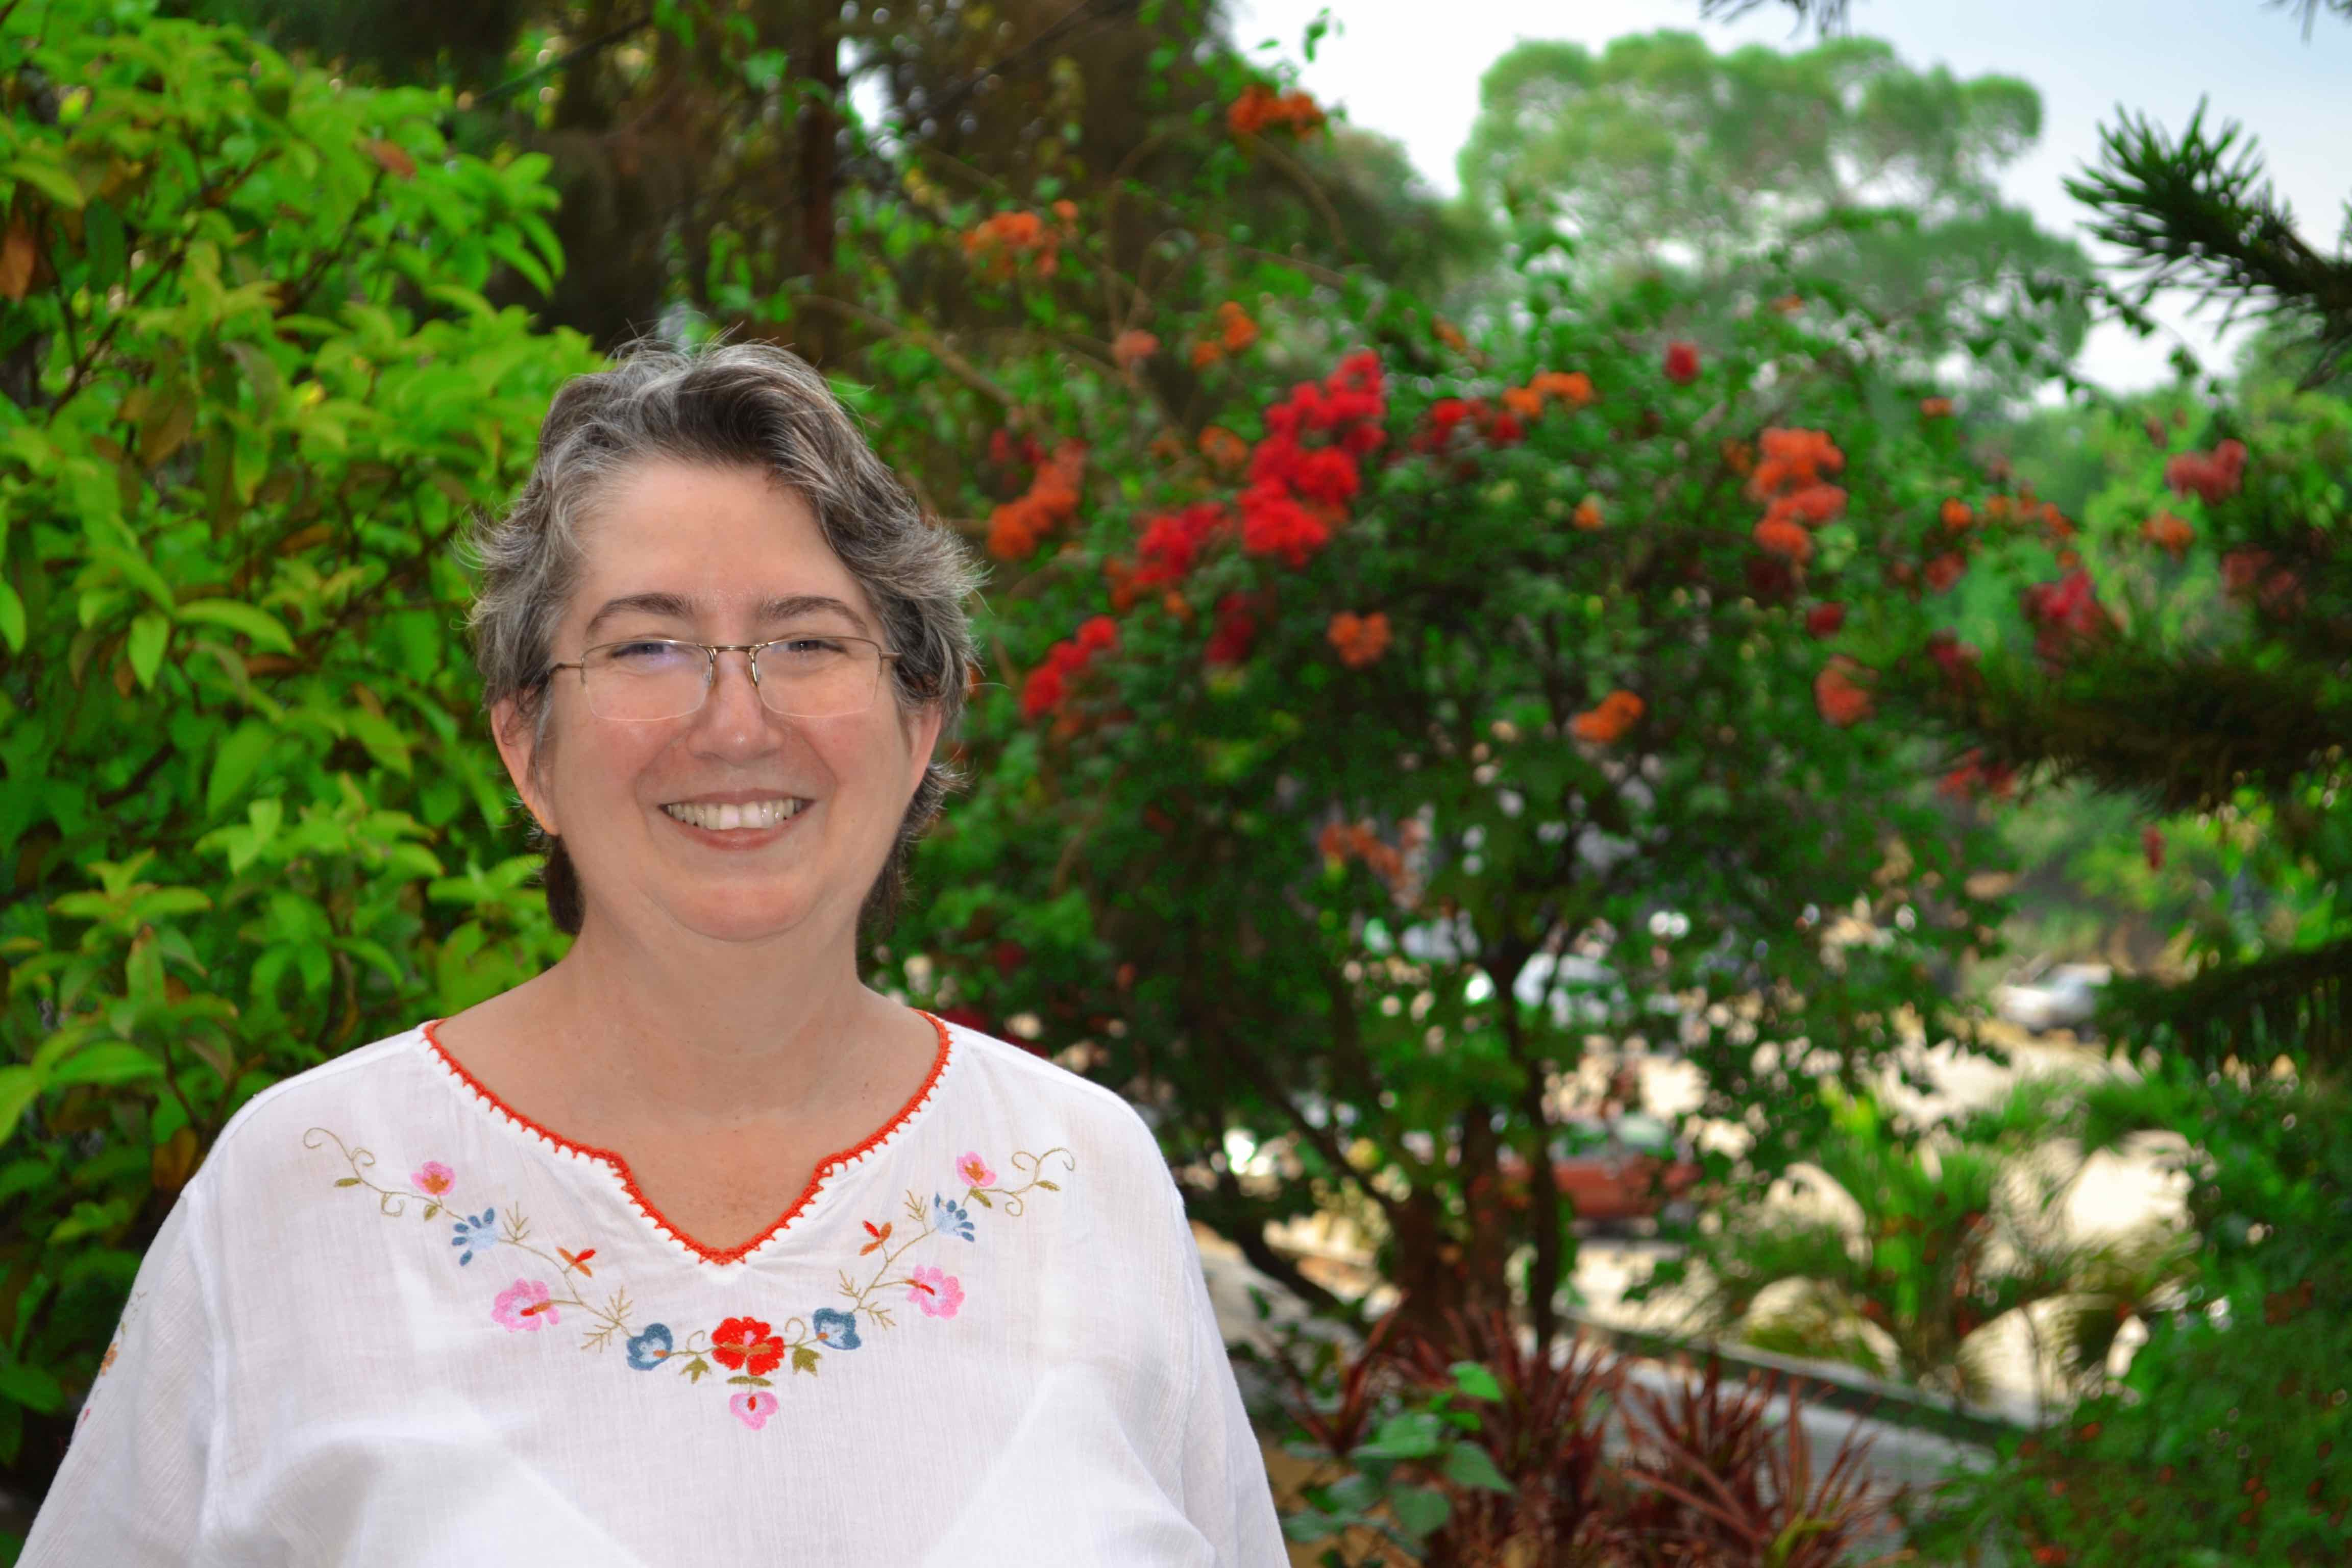 La salvadoreña Carmen González Huguet gana el 37 Premio Mundial Fernando Rielo de Poesía Mística